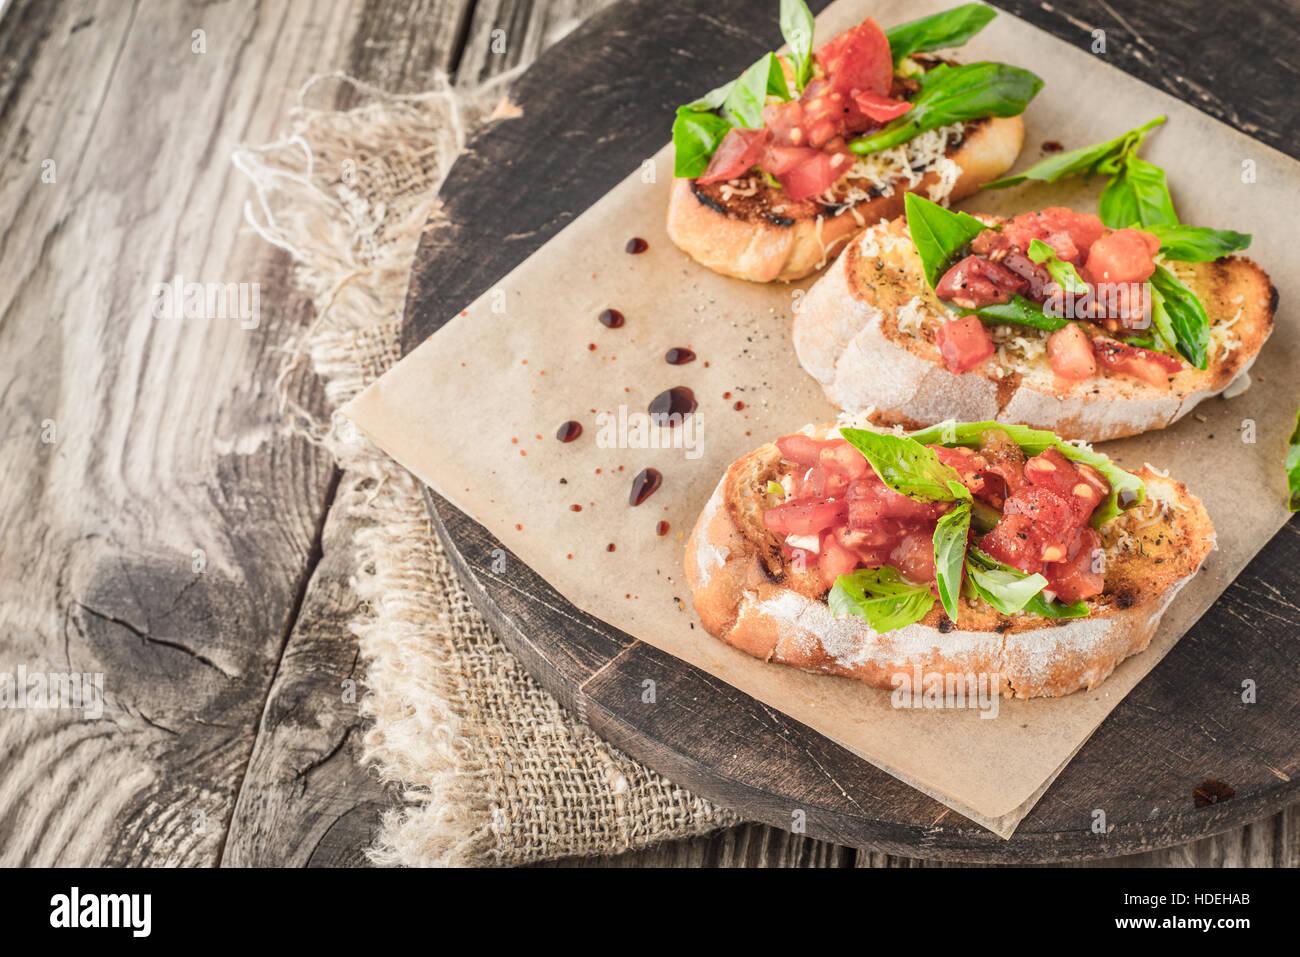 Al pomodoro e basilico condimento di pane vegetale alimentare della scheda Immagini Stock